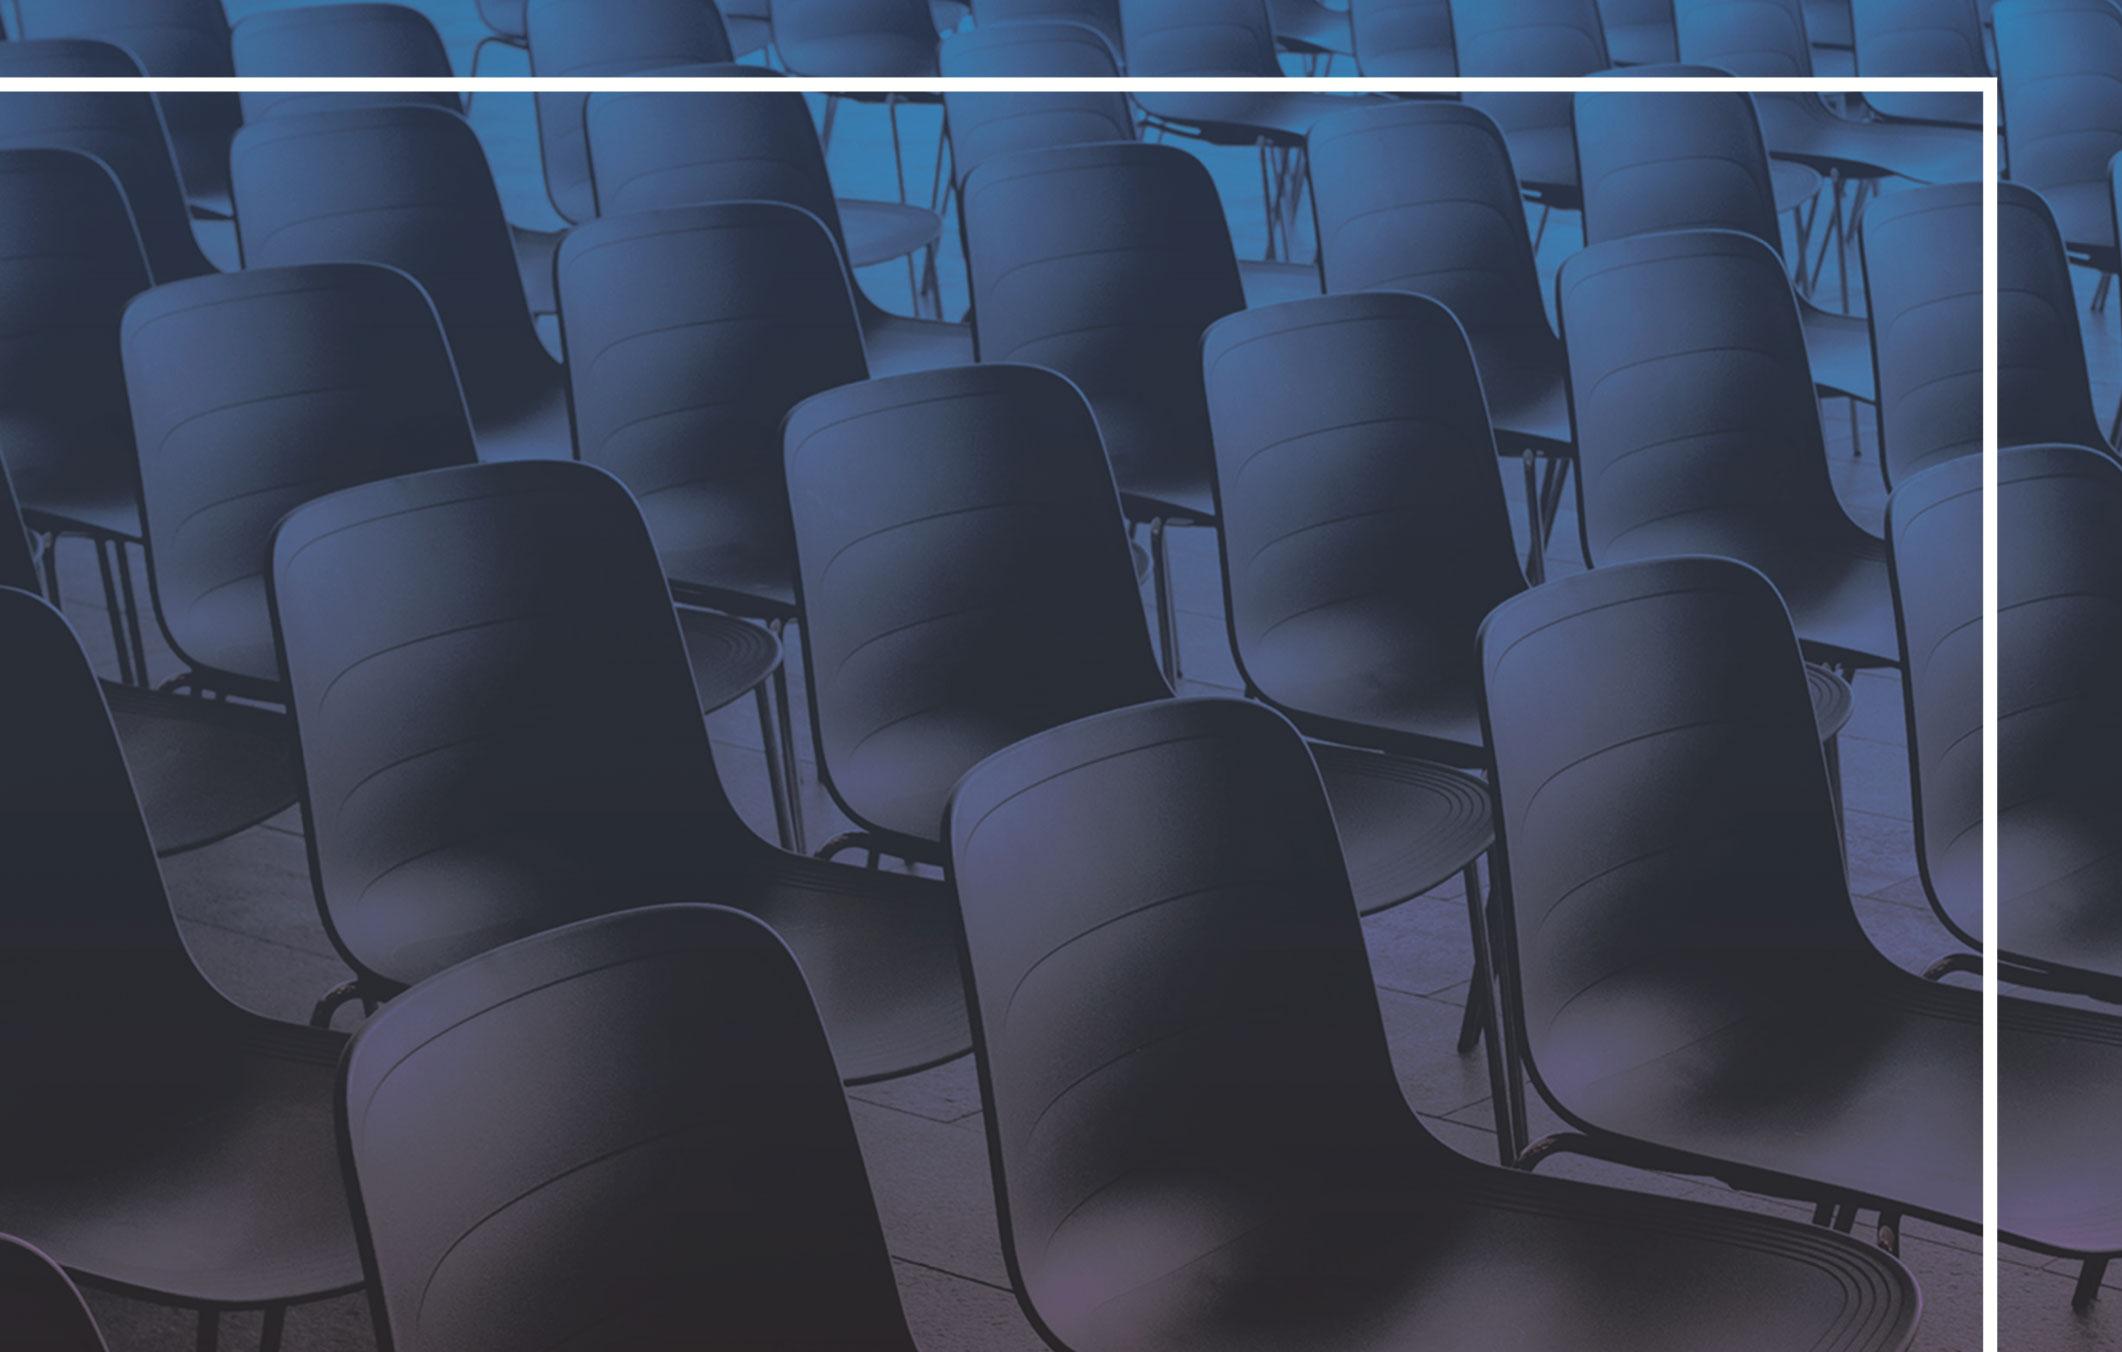 fiche 7 - rangée de chaises - formation et teletravail